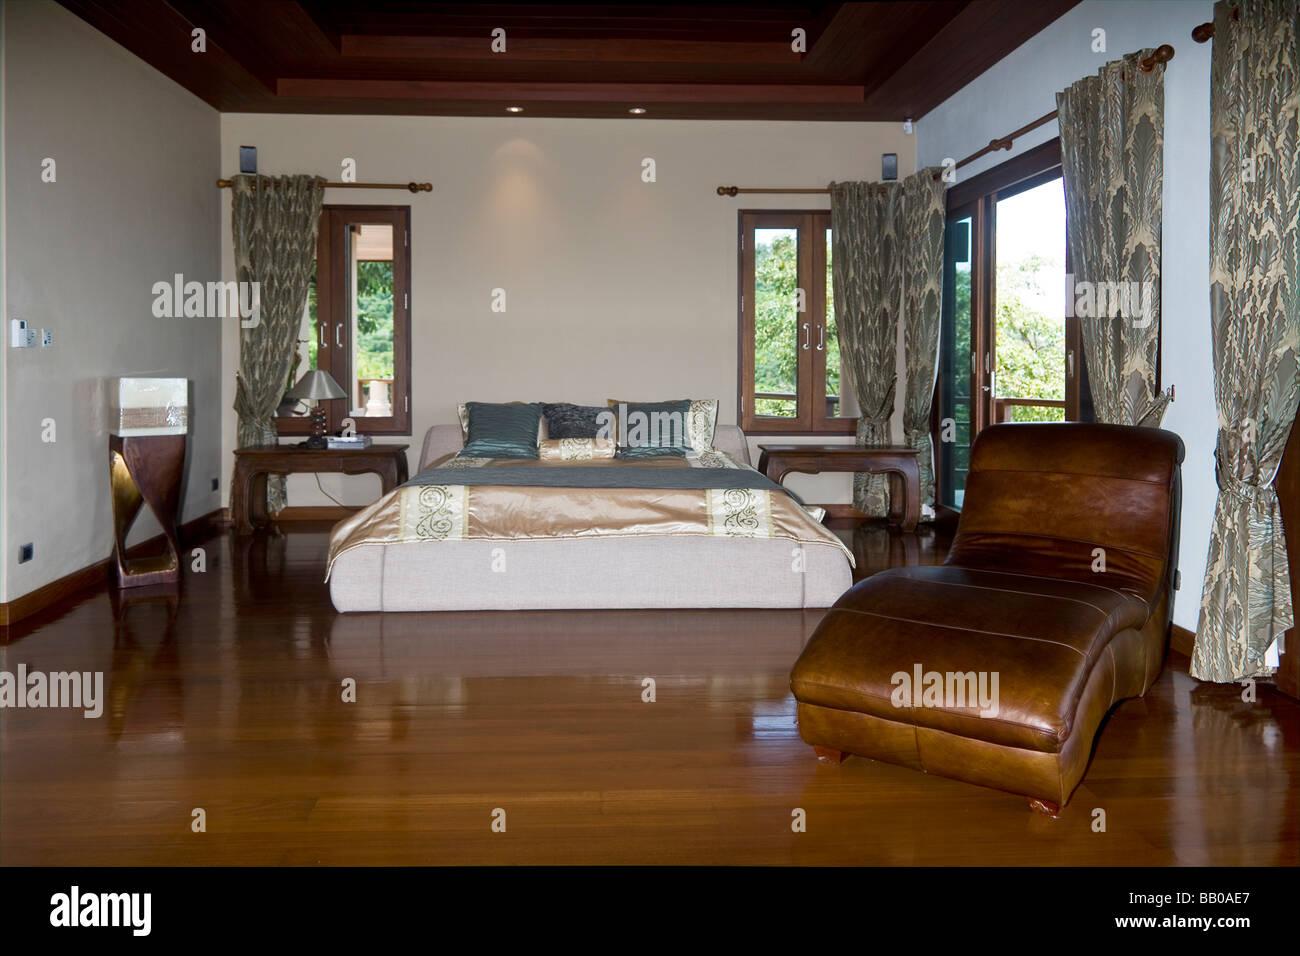 Fußboden Im Schlafzimmer ~ Luxuriöse tropische villa schlafzimmer mit hochglanzpolierten teak